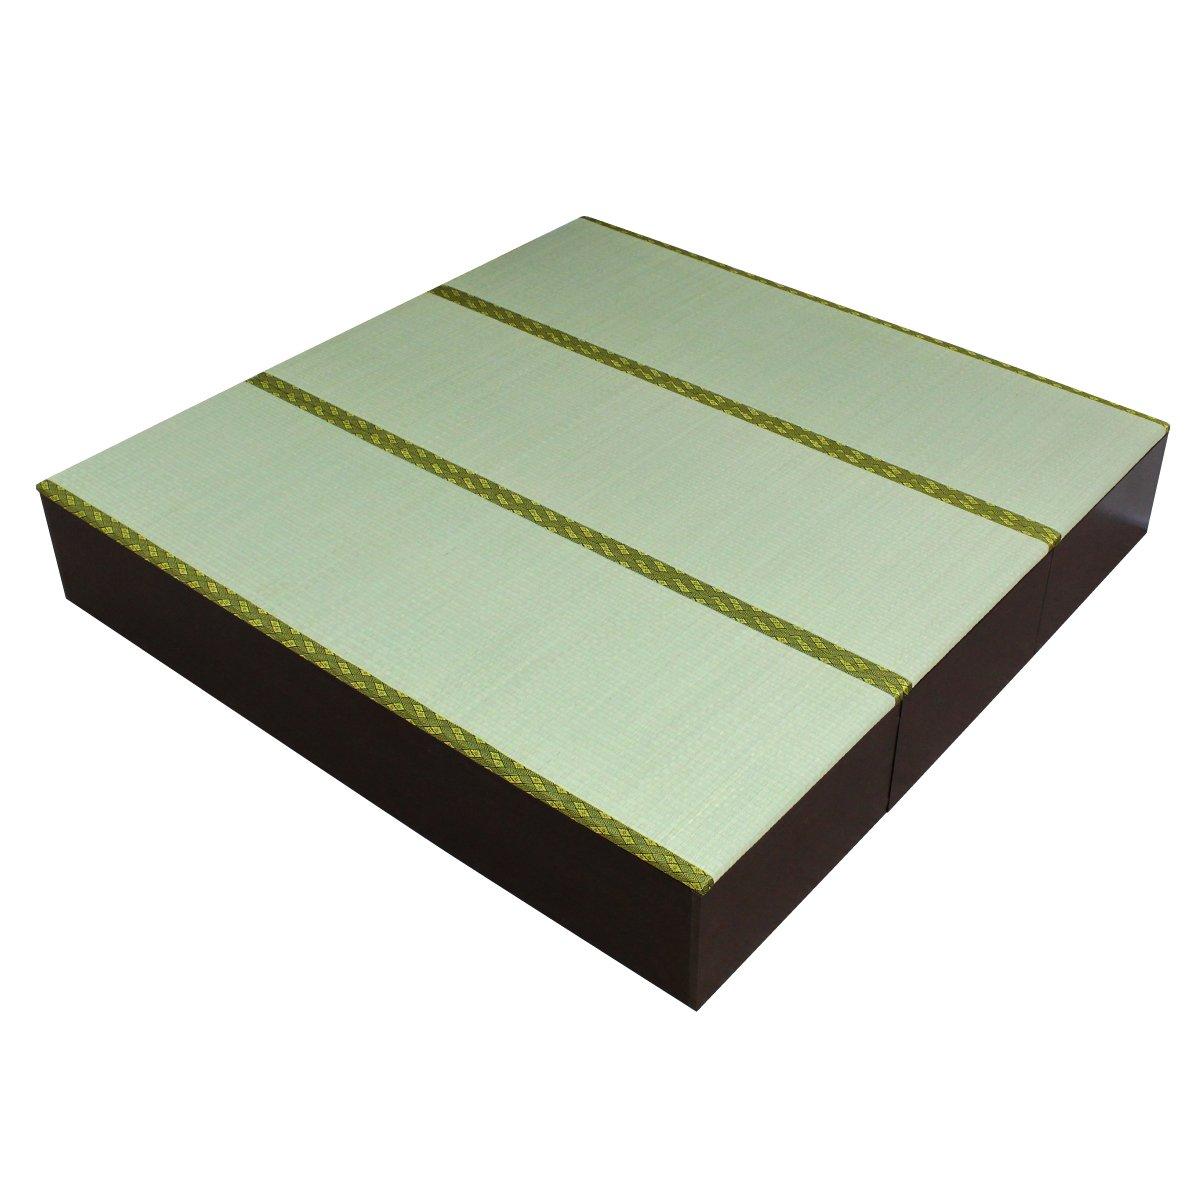 畳 ボックス 収納 高床式 ユニット 1.5畳タイプ3本 セット ダークブラウン IS-SET-L3 J-Supply   B00827HXFS